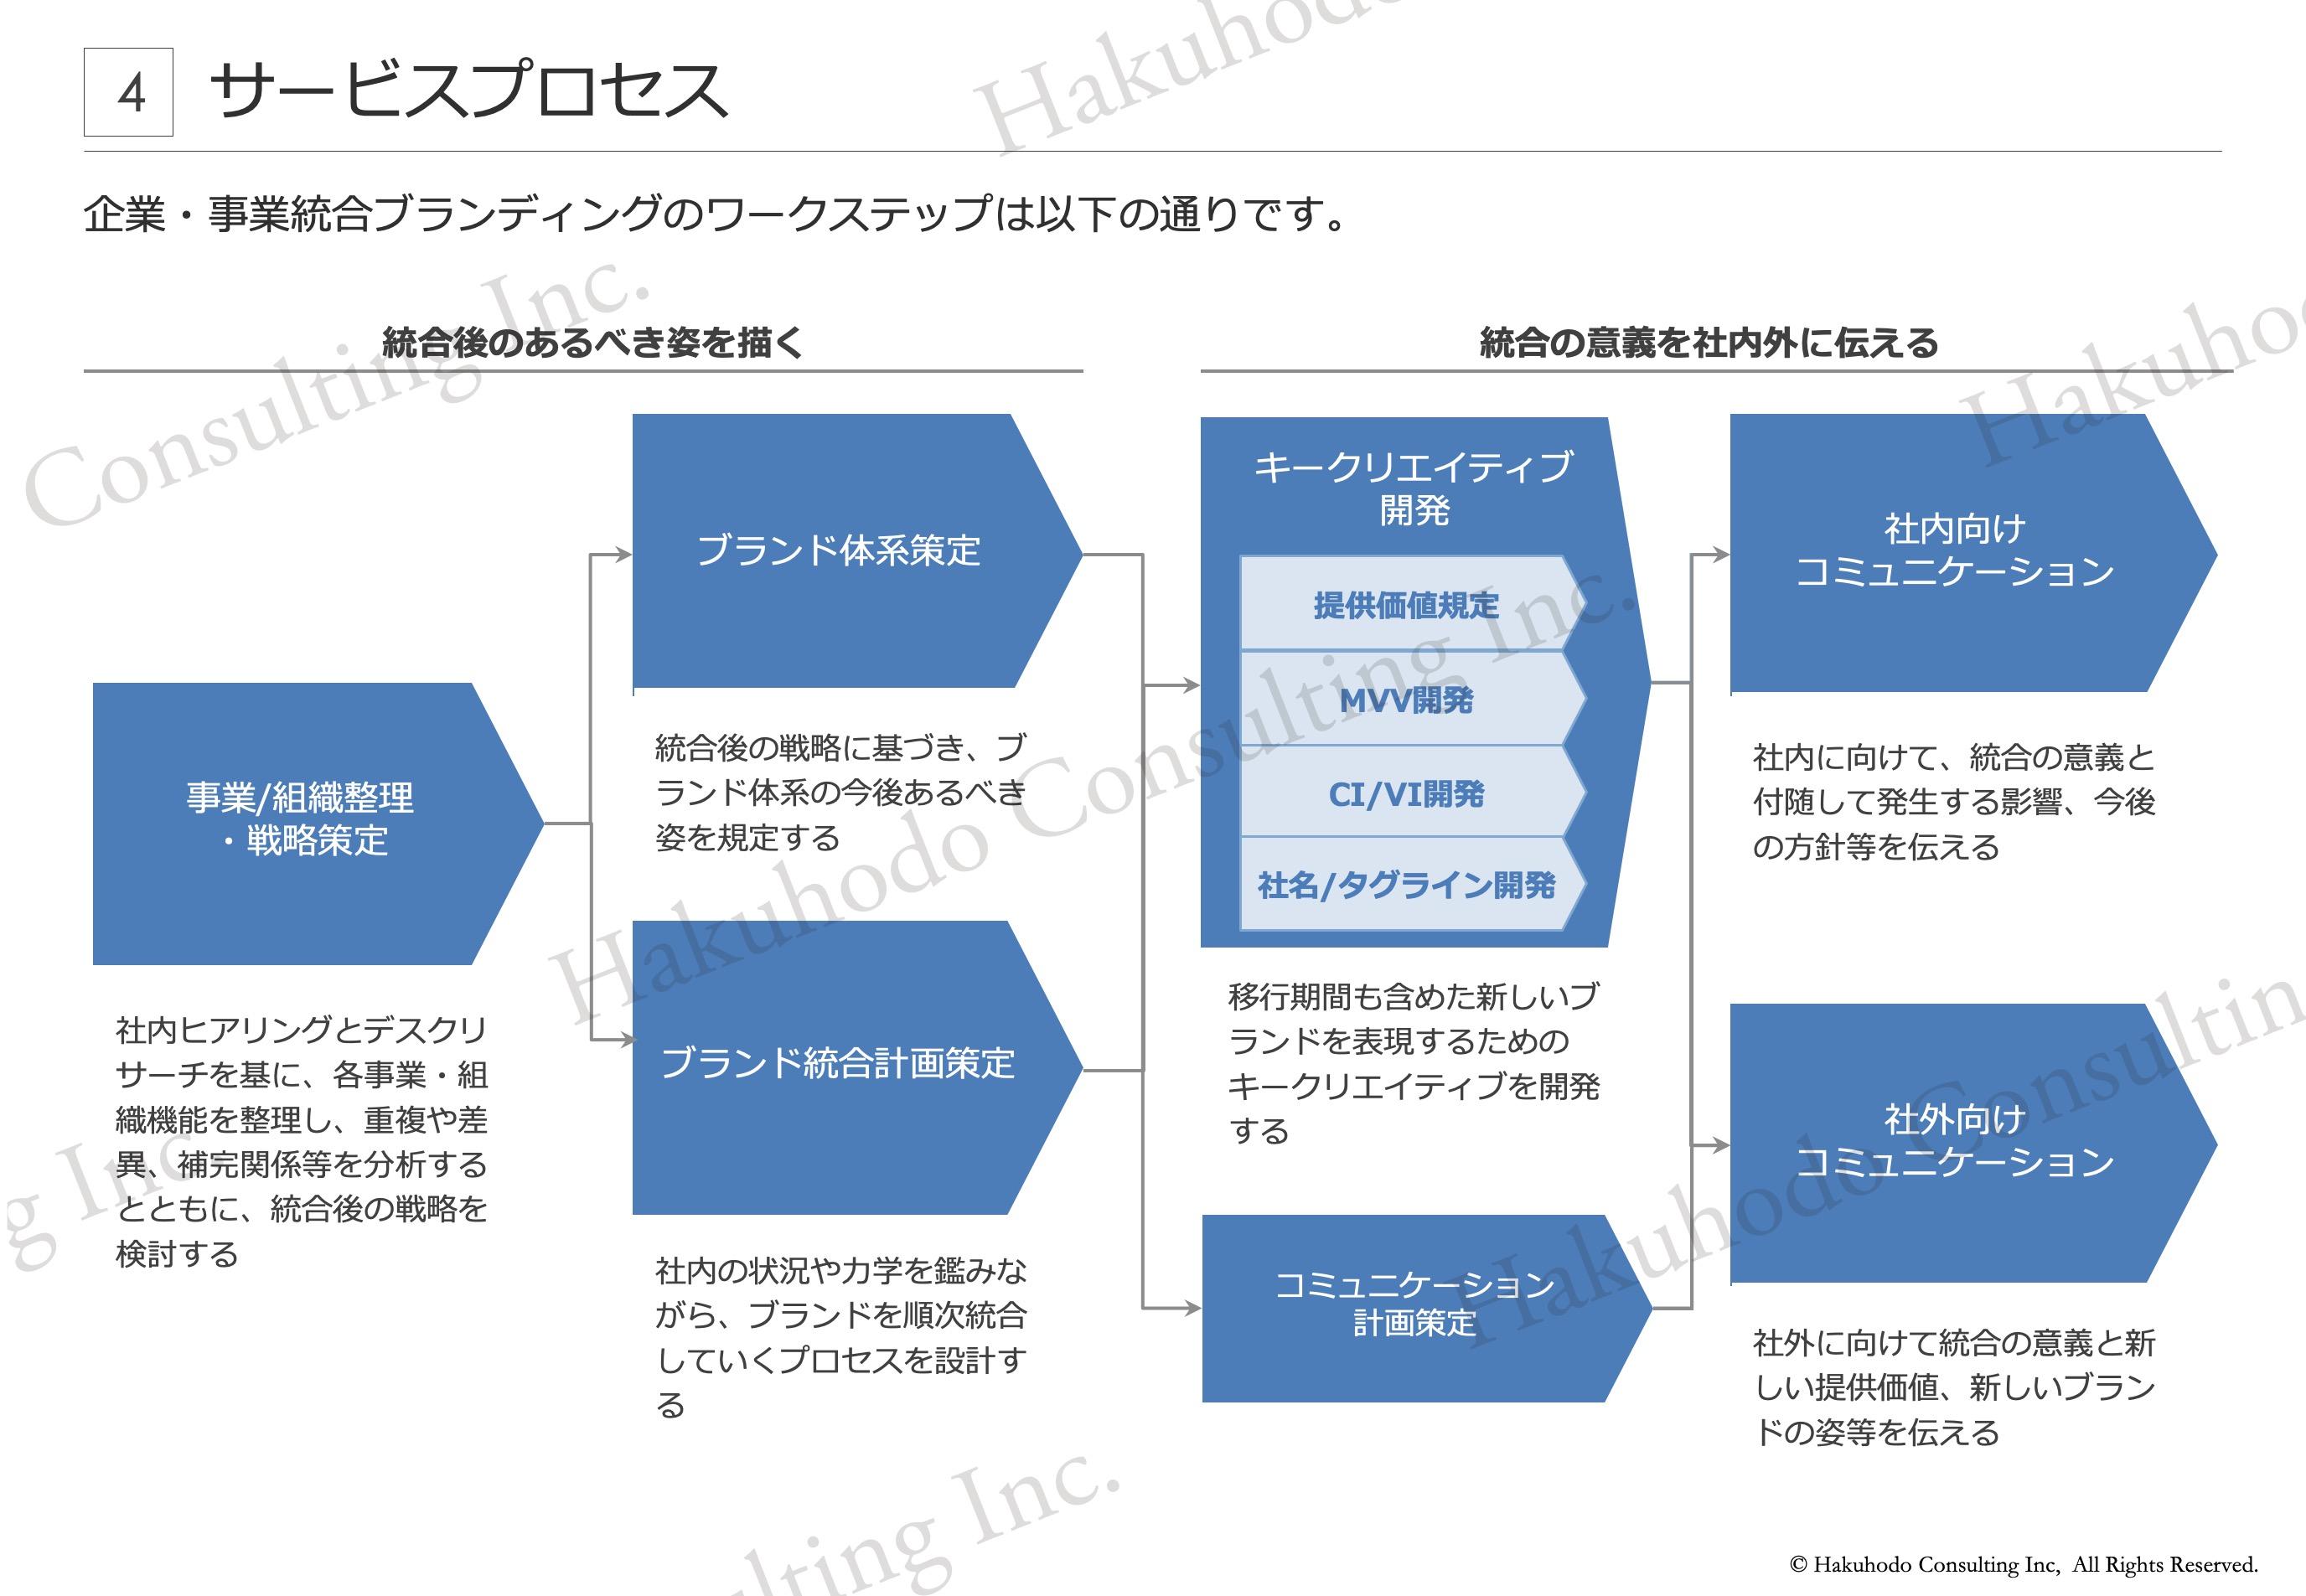 サービスプロセス 企業・事業統合ブランディングのワークステップは以下の通りです。